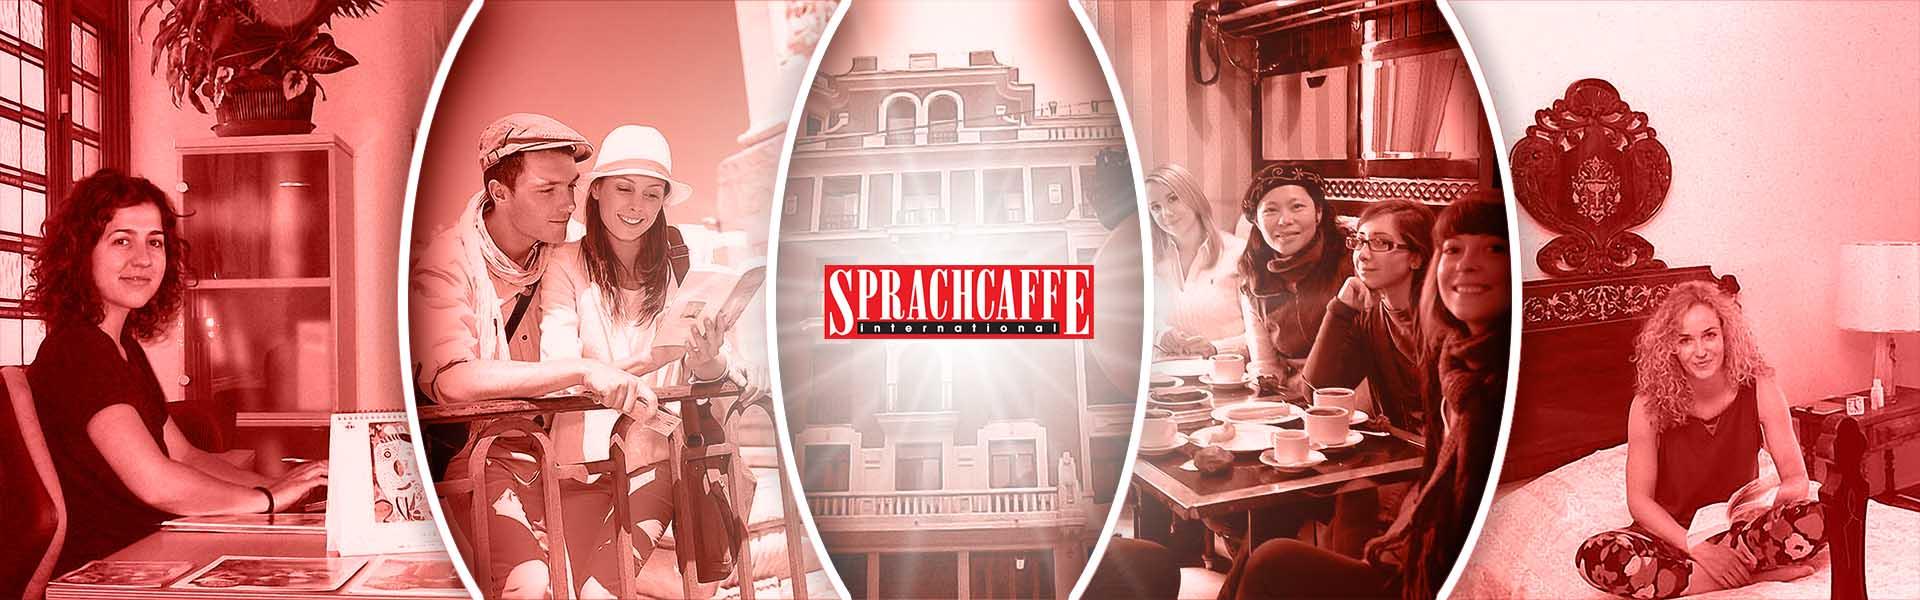 Sprachcaffe Madrid Dil Okulu